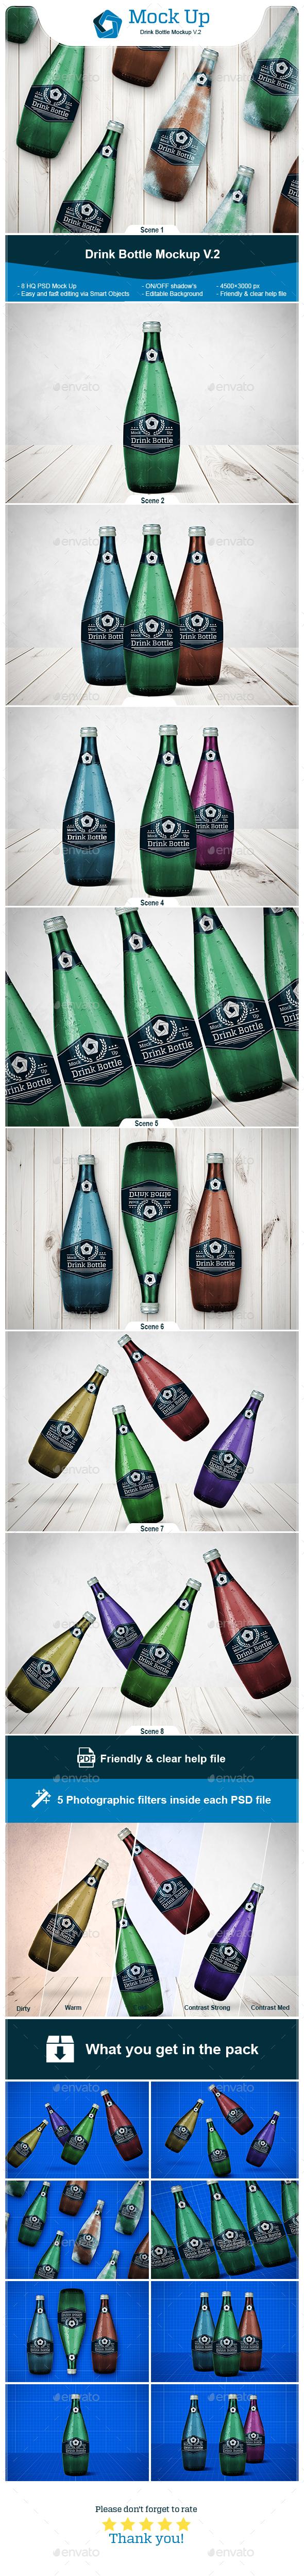 Drink Bottle Mockup V.2 - Food and Drink Packaging